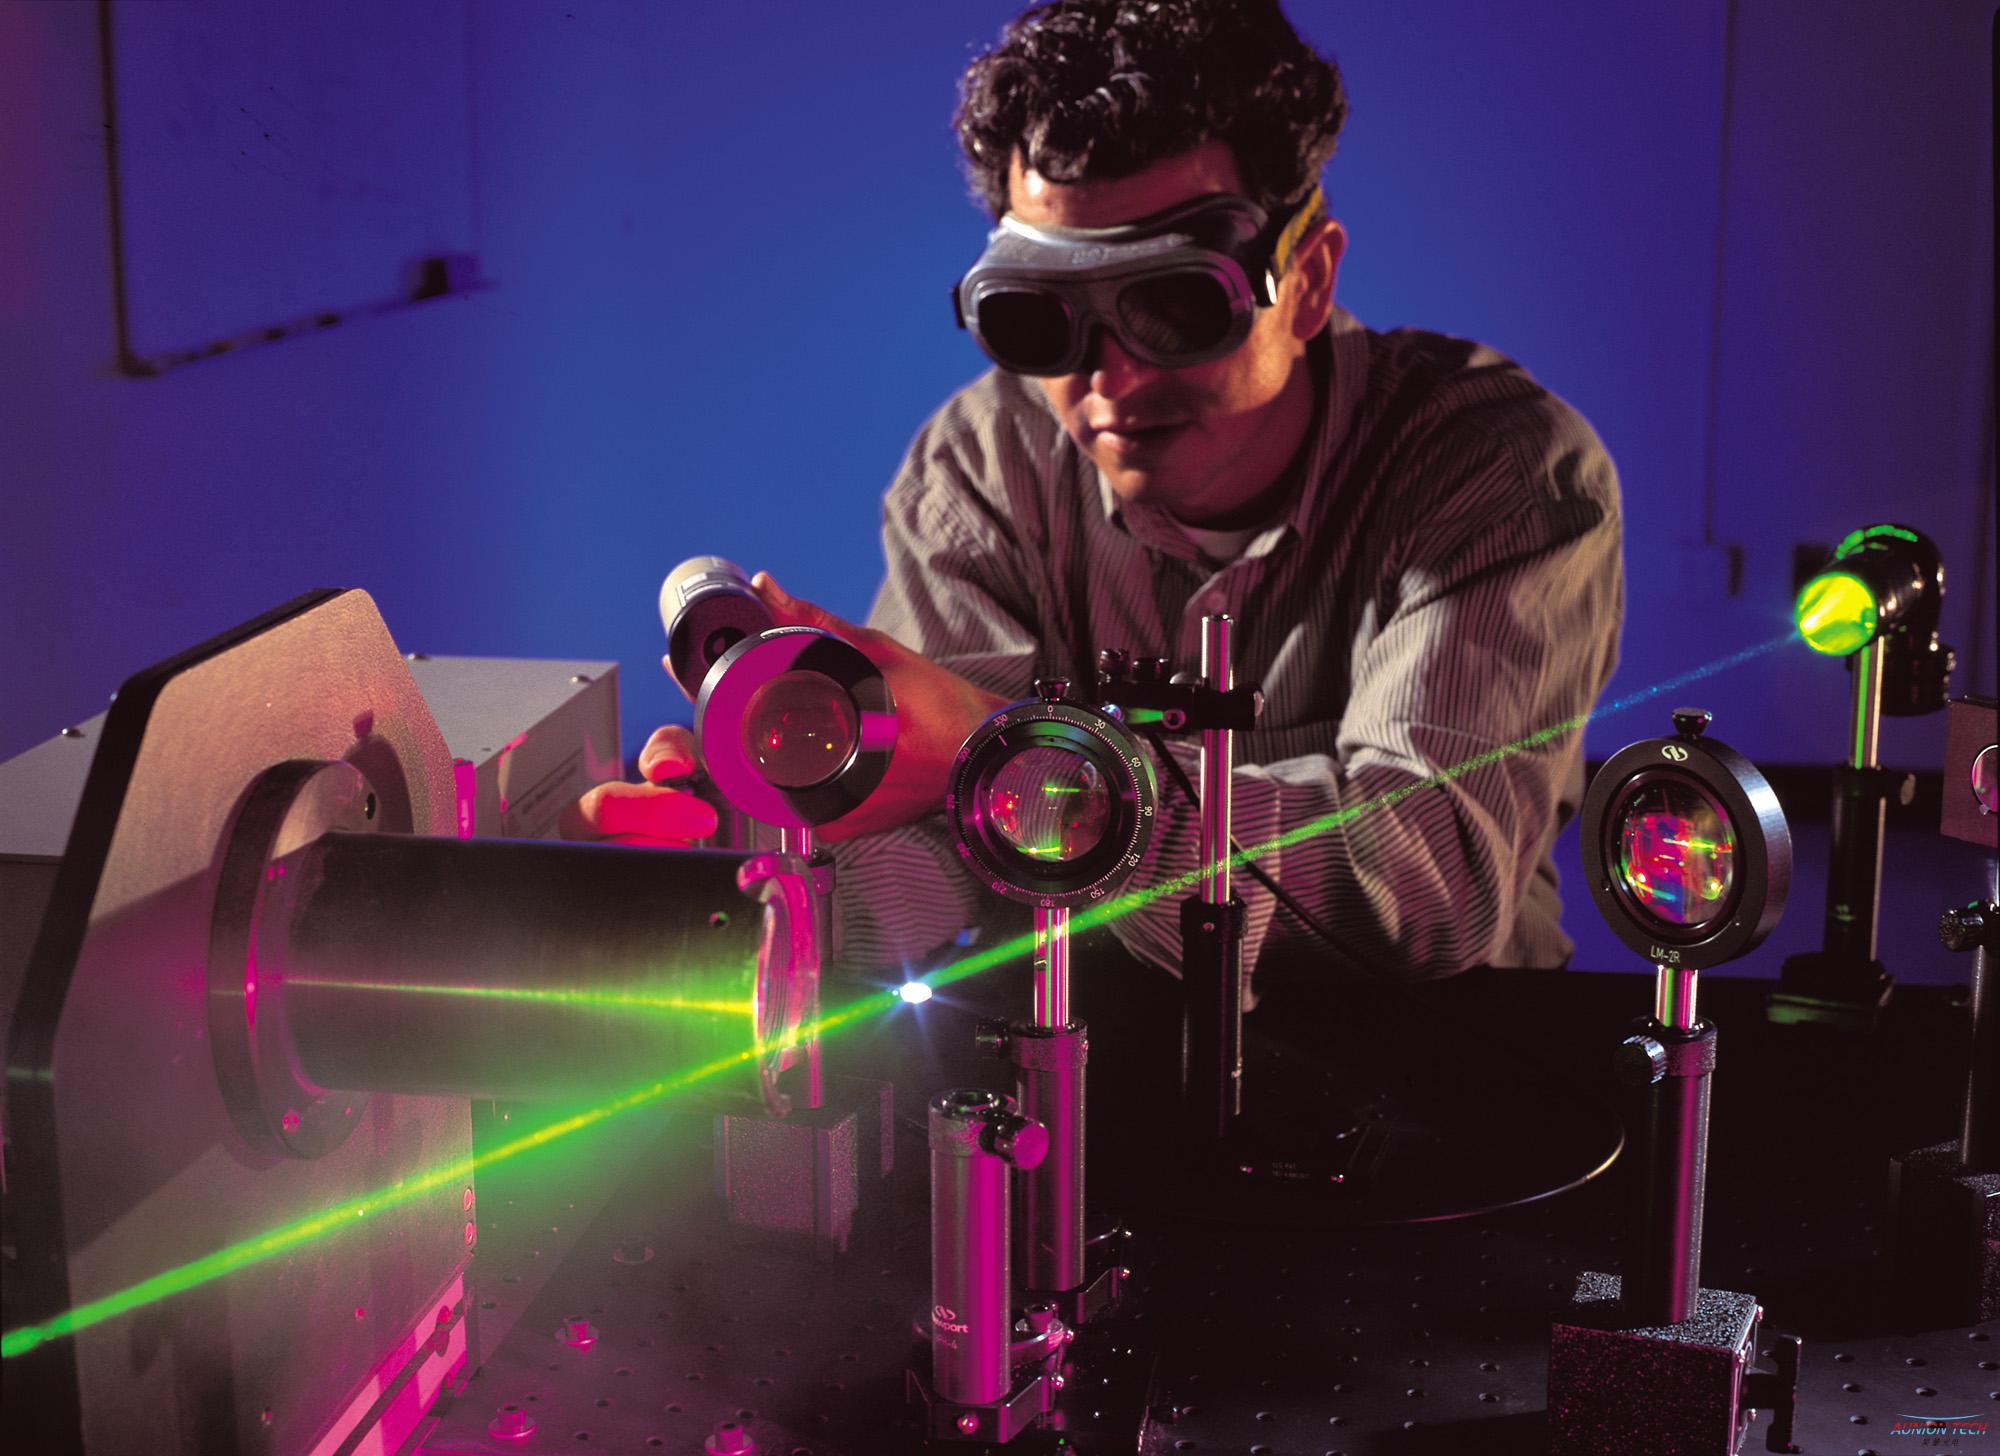 科研激光相关产品